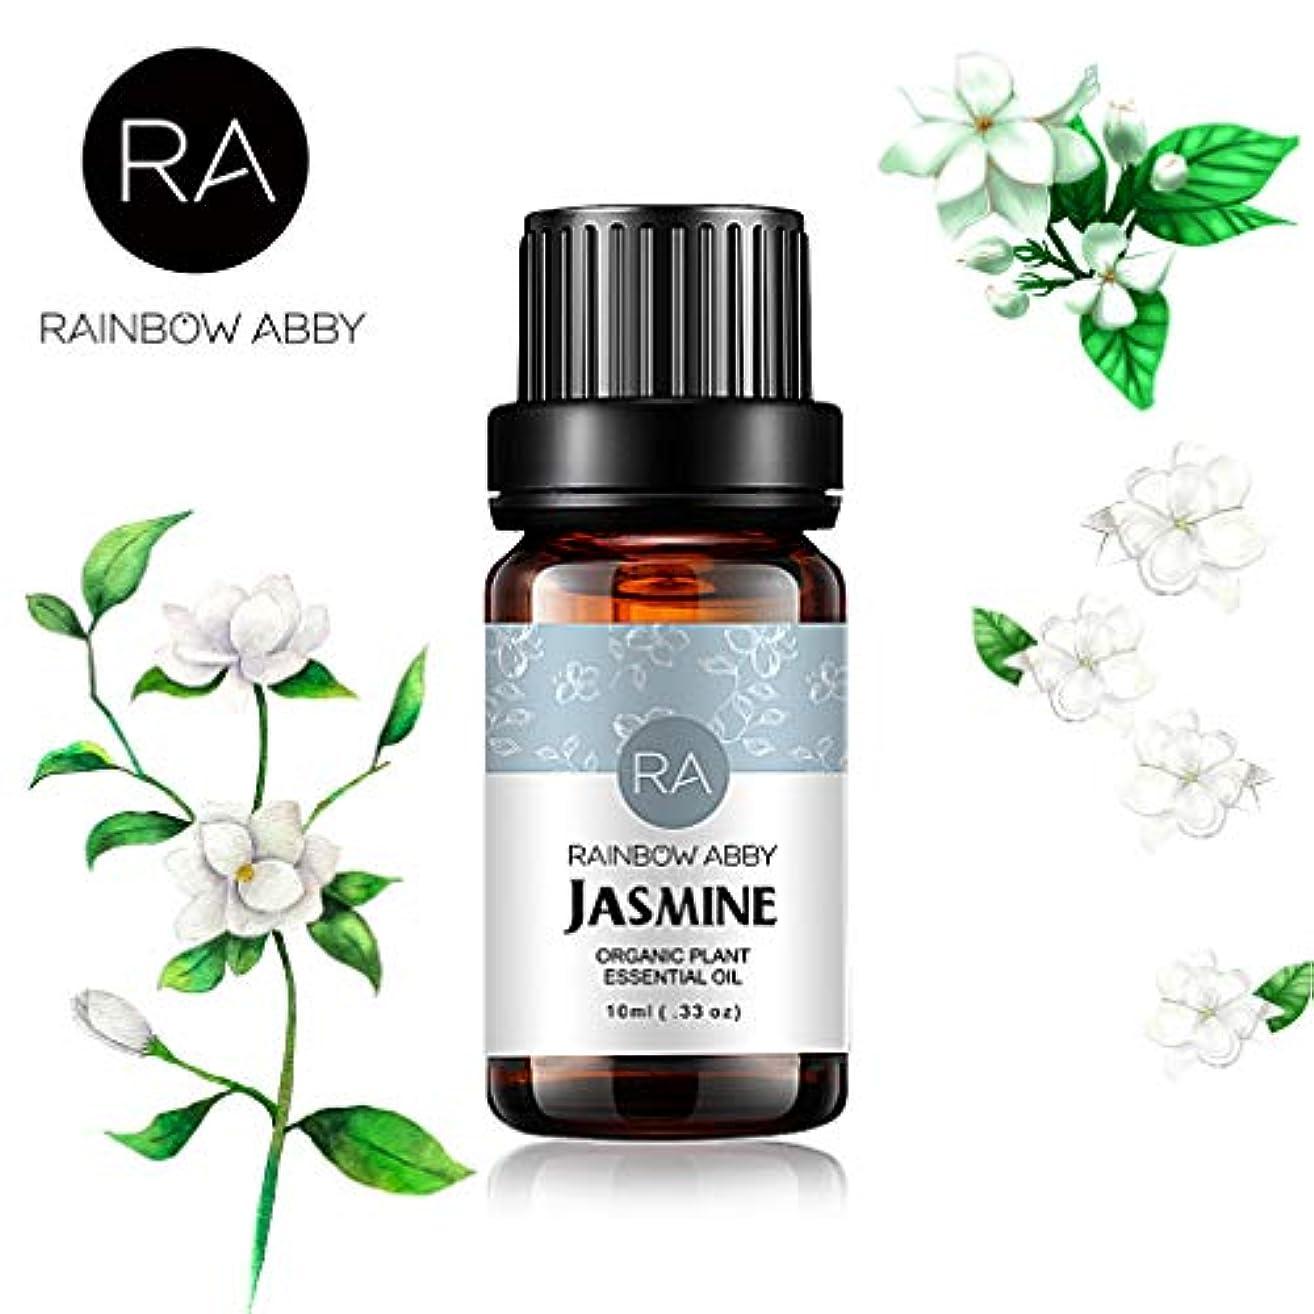 ルーフ反映する評議会RAINBOW ABBY ジャスミン エッセンシャル オイル ディフューザー アロマ セラピー オイル 100% ピュアオーガニック 植物 エキスジャスミン オイル 10ML/0.33oz